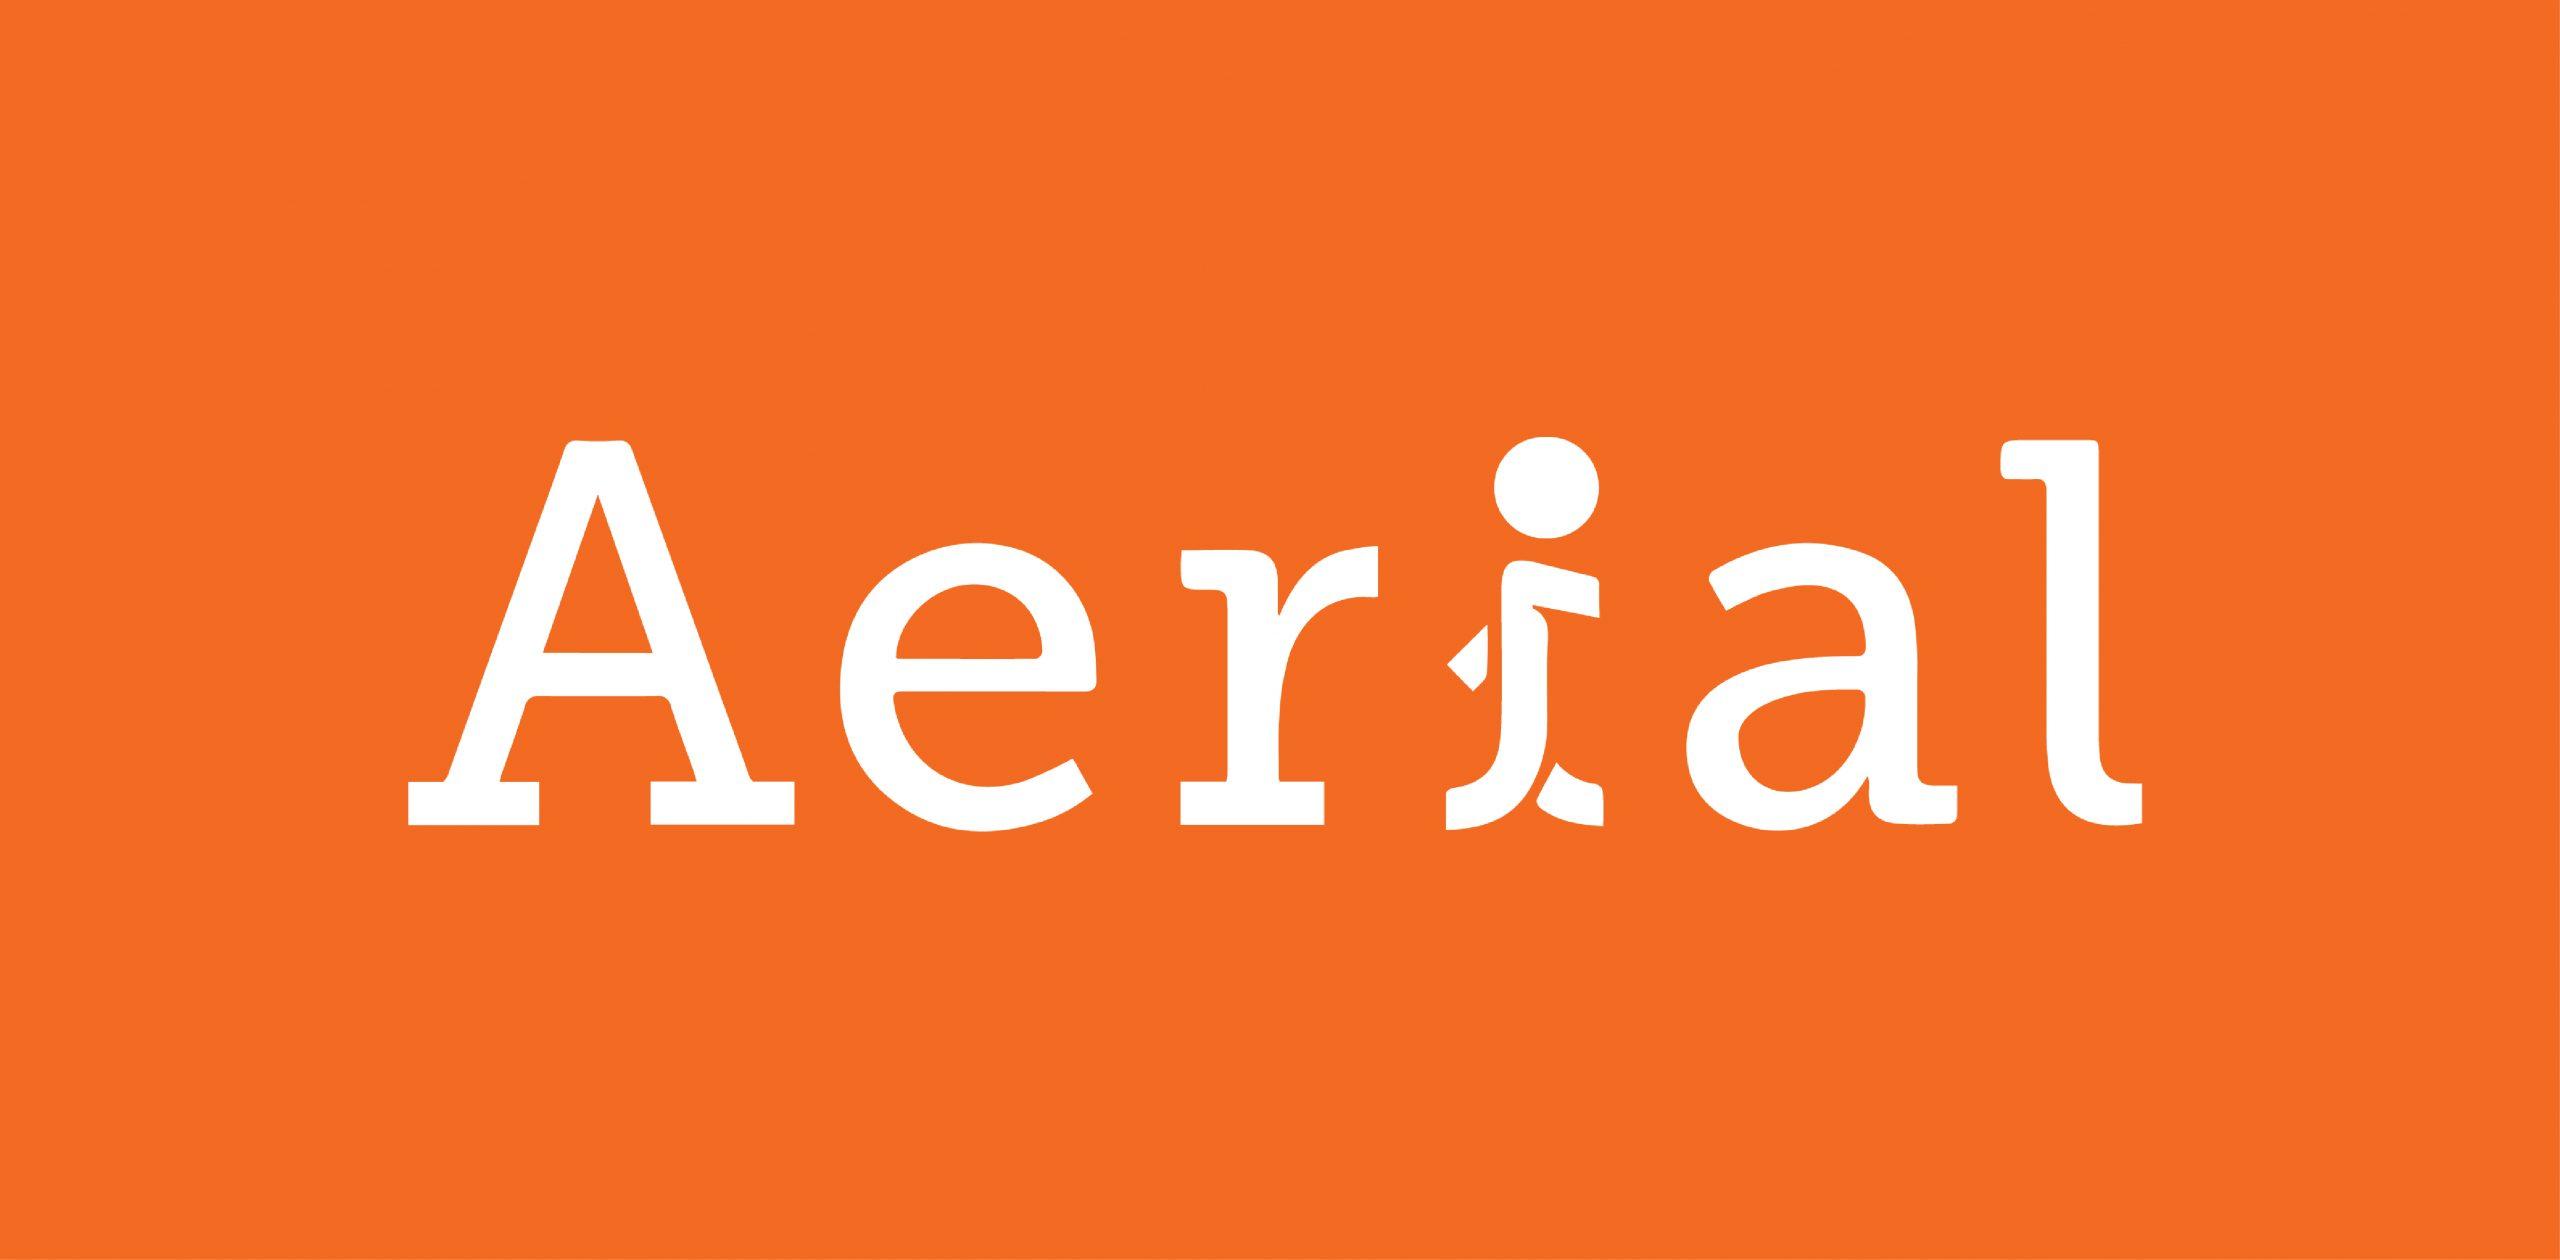 Aerial__Fond_orange